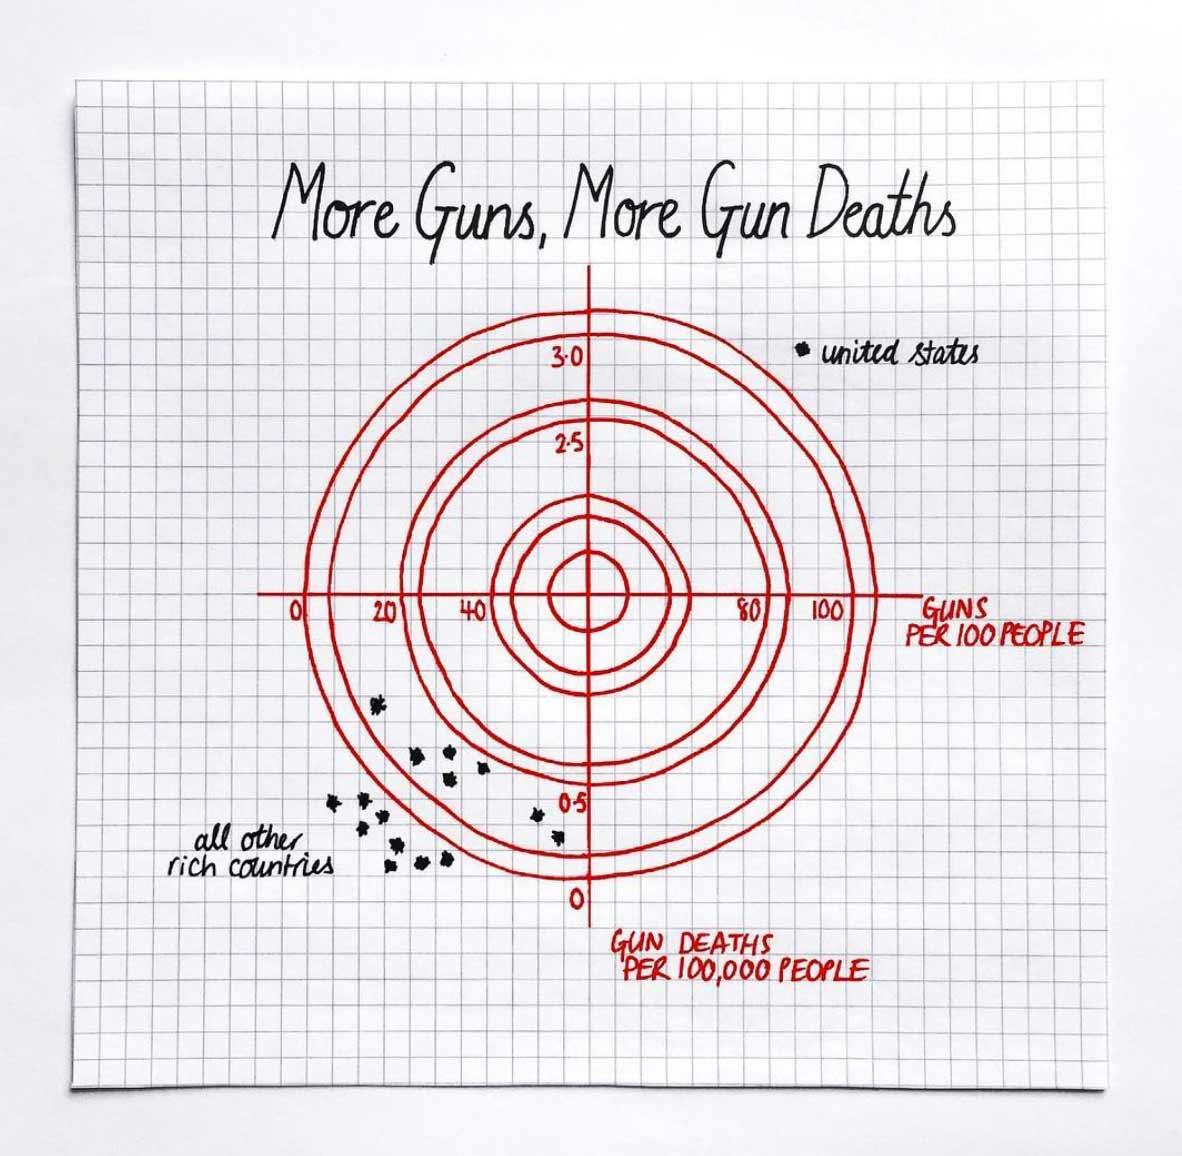 Skurrile Diagramme von Mona Chalabi Mona-Chalabi-graphs_05